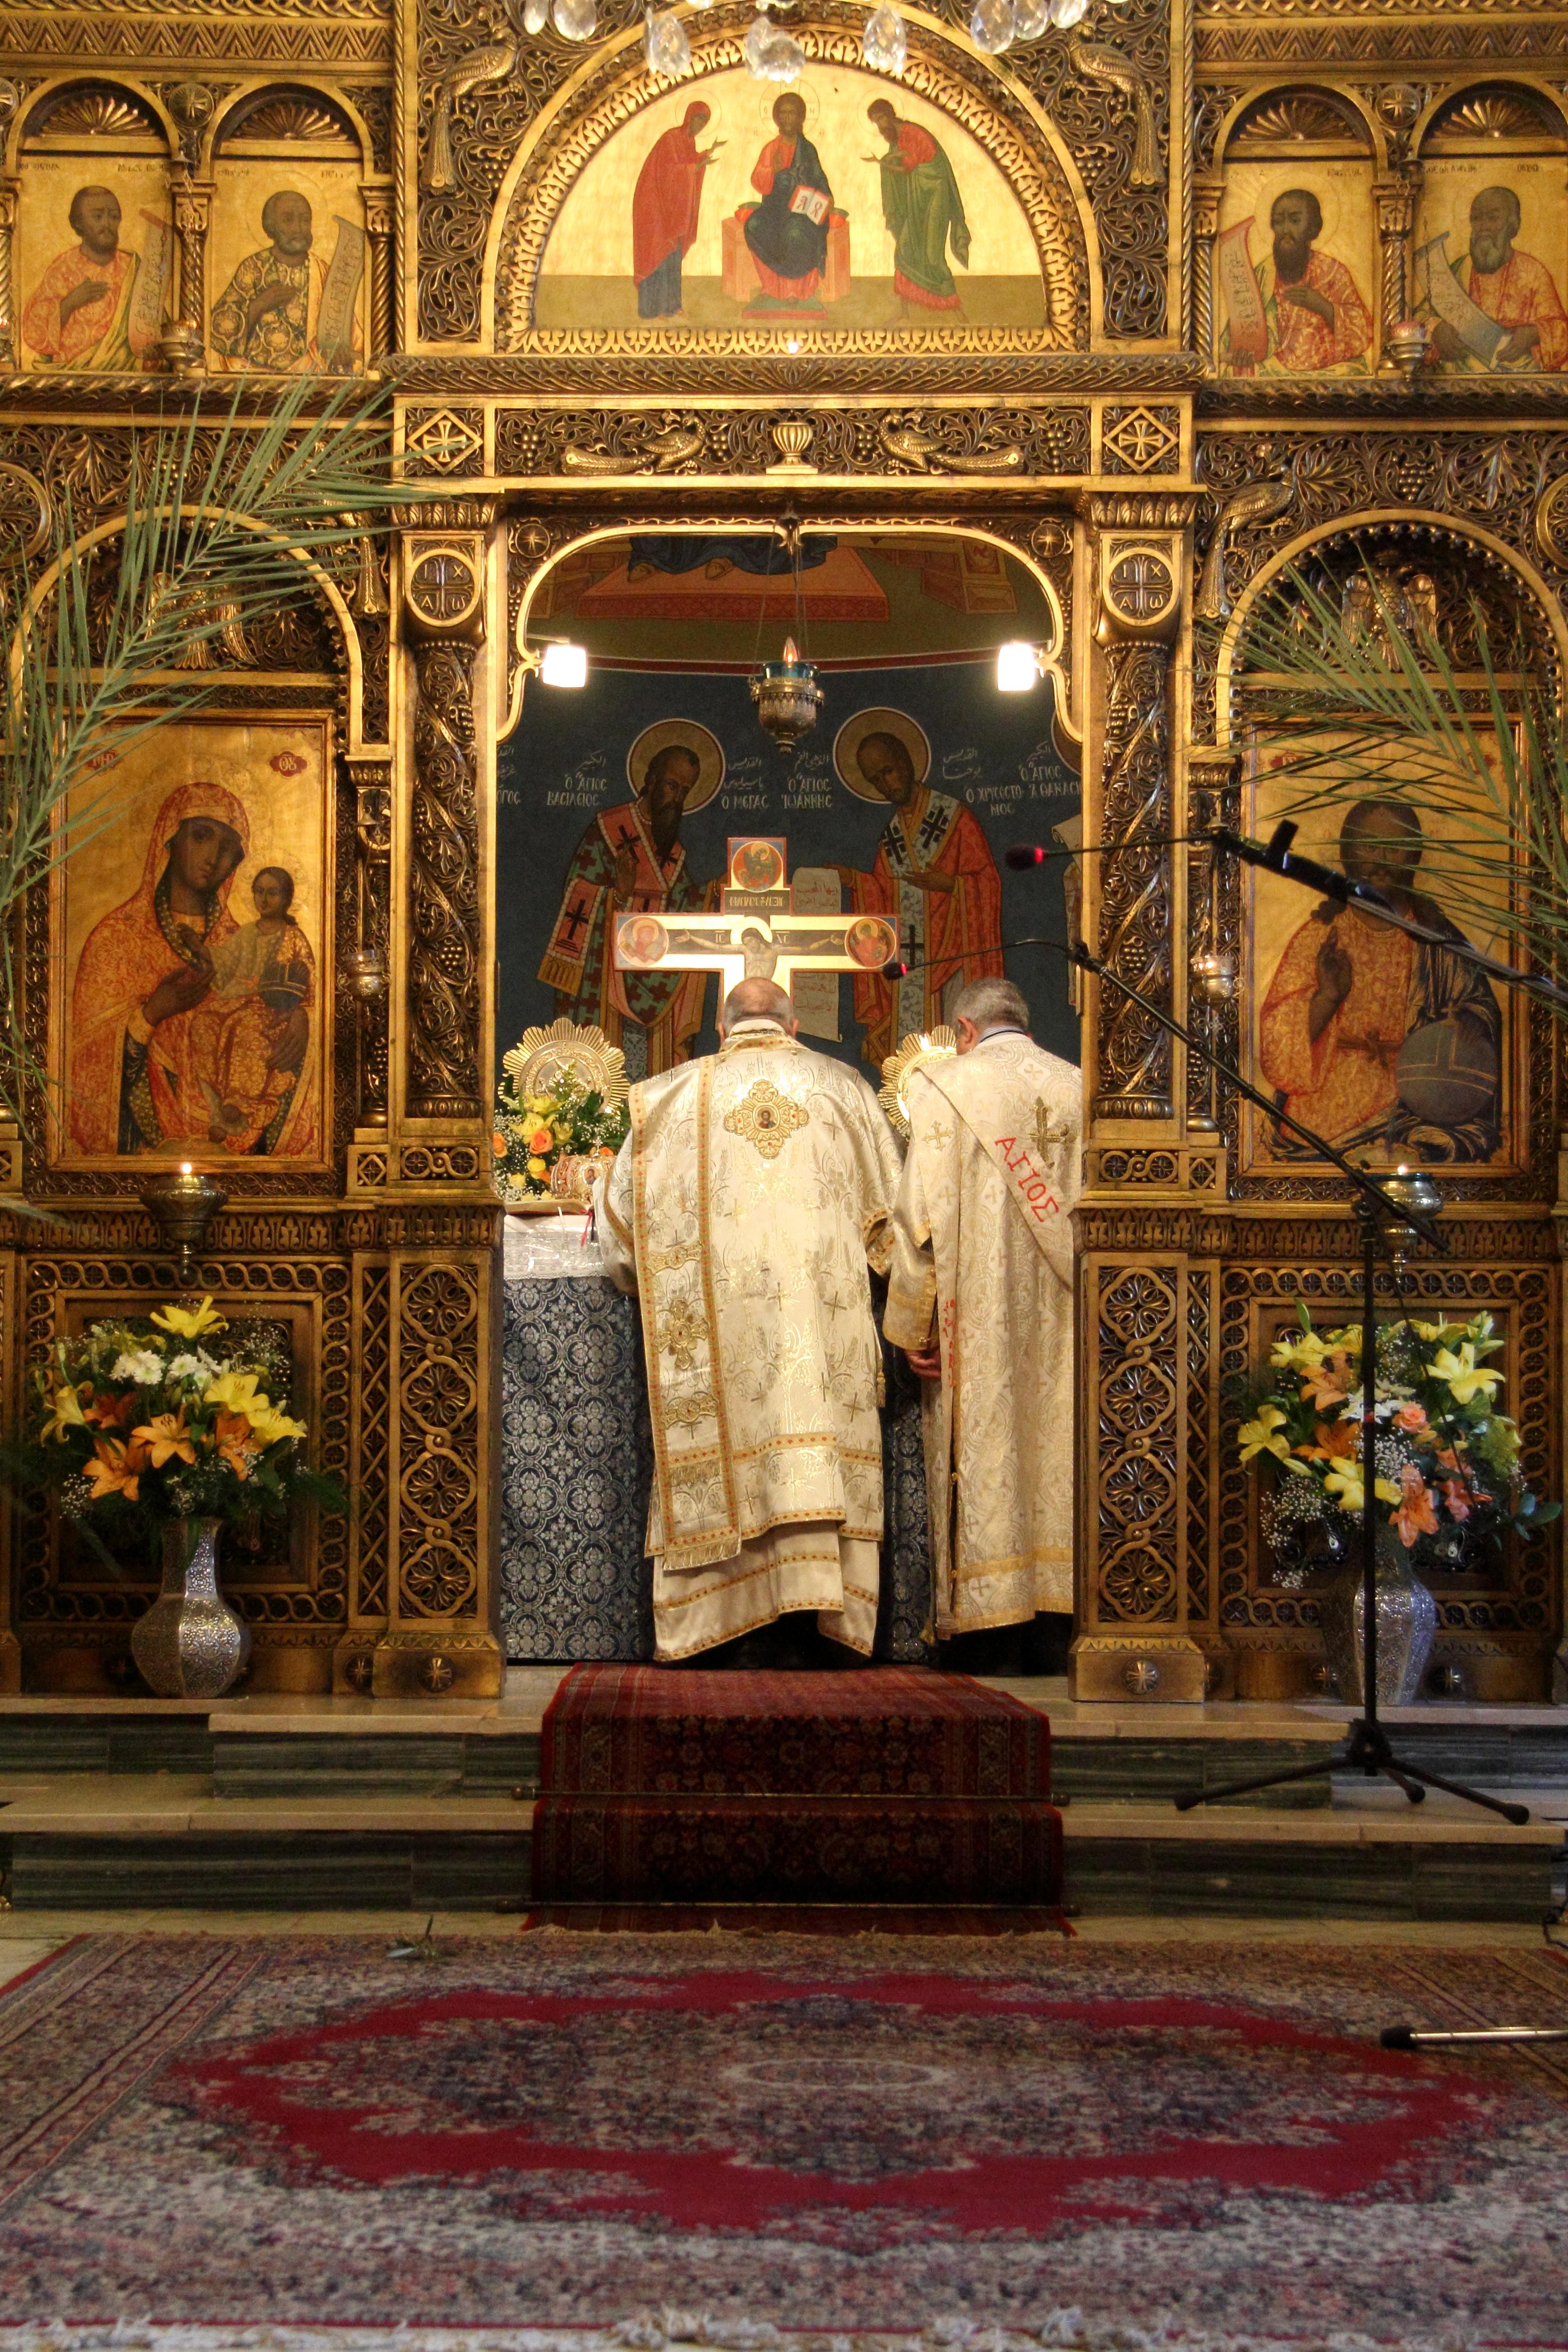 הכנסייה היוונית קתולית בירושלים צילום: ליזי שאנן, CC-BY-SA 4.0 https://commons.wikimedia.org/wiki/File:%D7%94%D7%9B%D7%A0%D7%A1%D7%99%D7%94_%D7%94%D7%99%D7%95%D7%95%D7%A0%D7%99%D7%AA-%D7%A7%D7%AA%D7%95%D7%9C%D7%99%D7%AA_2.jpg